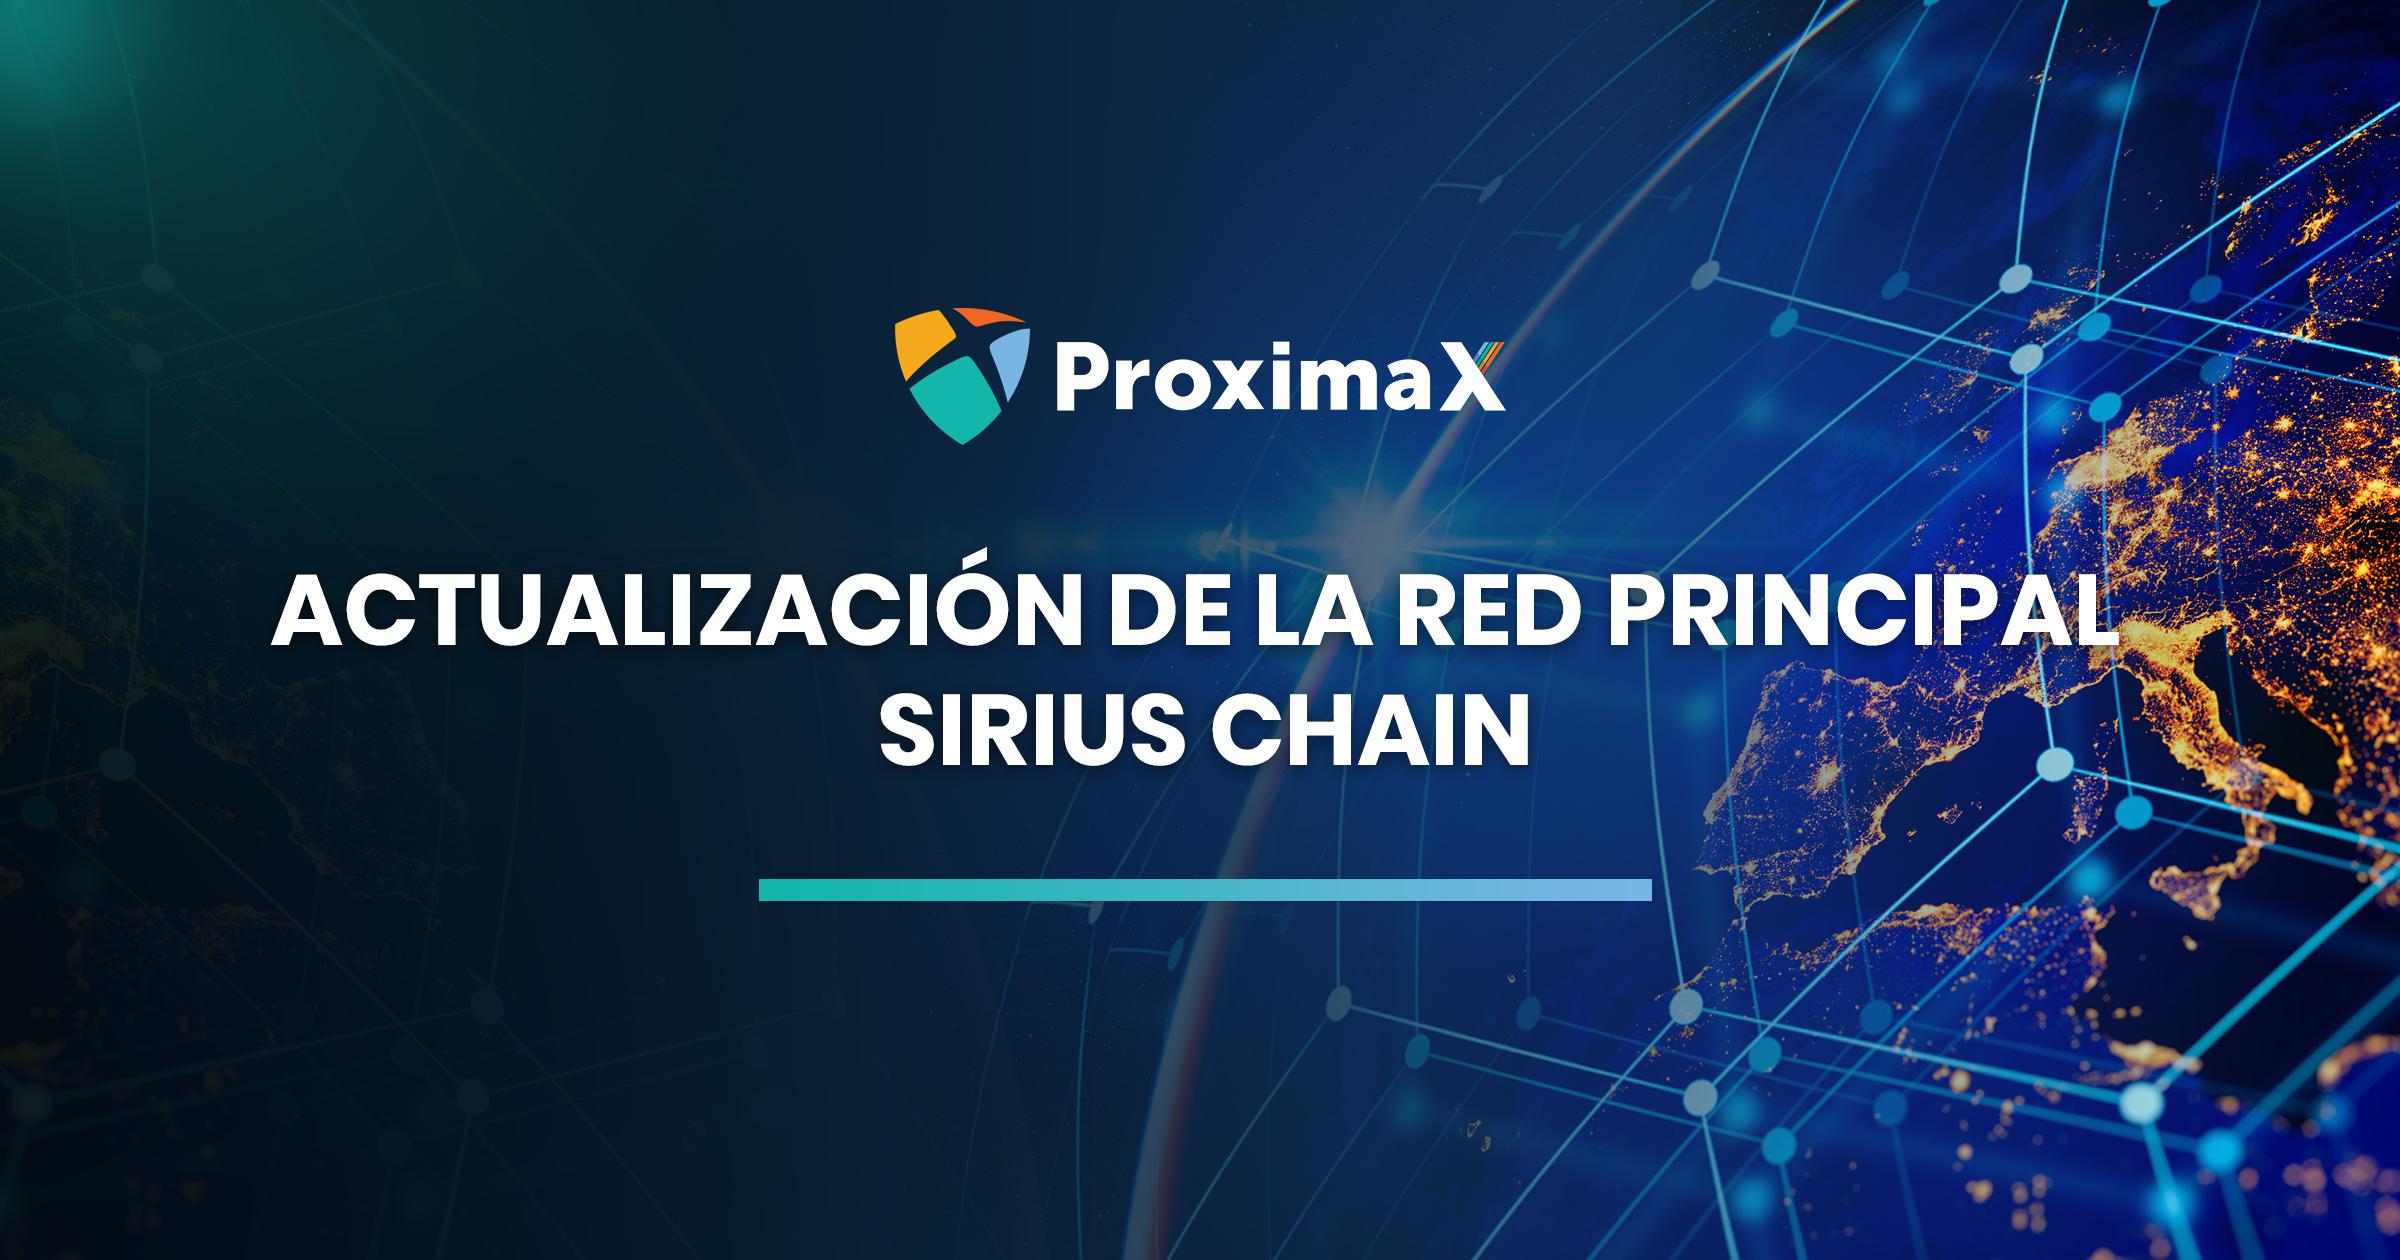 Actualización de la red principal de la plataforma ProximaX Sirius